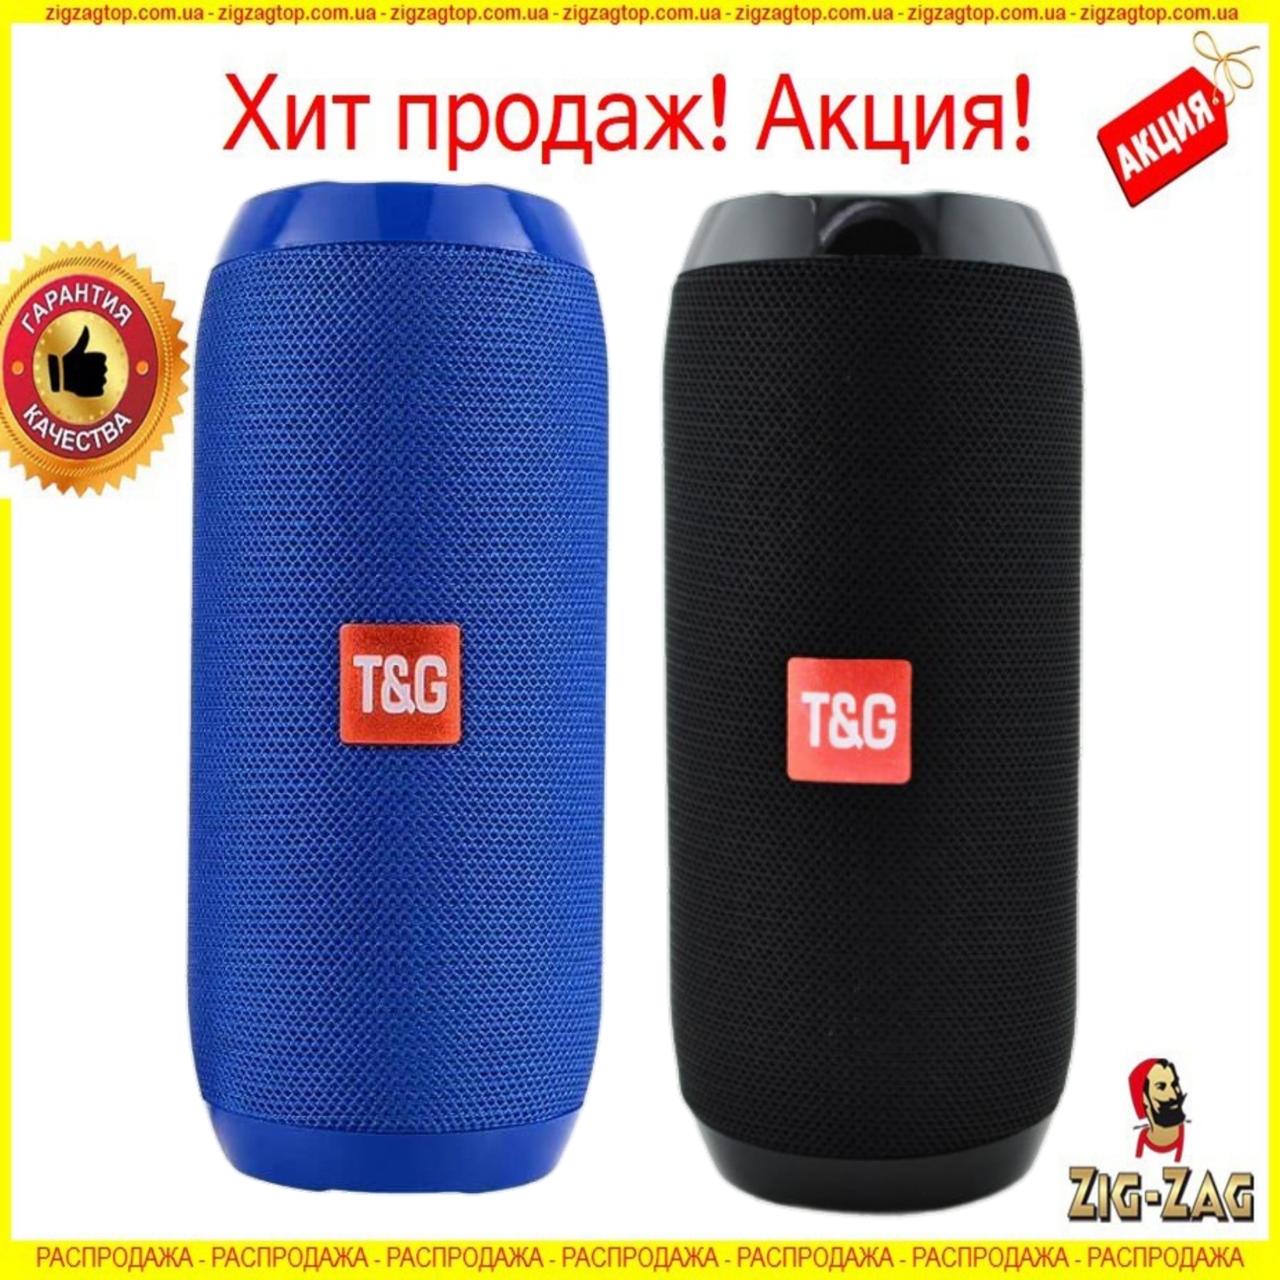 Беспроводная колонка T&G TG-117 Bluetooth Стерео Сабвуфер Блютуз Акустичиская Система Портативная ТИГ ЧЕРНАЯ